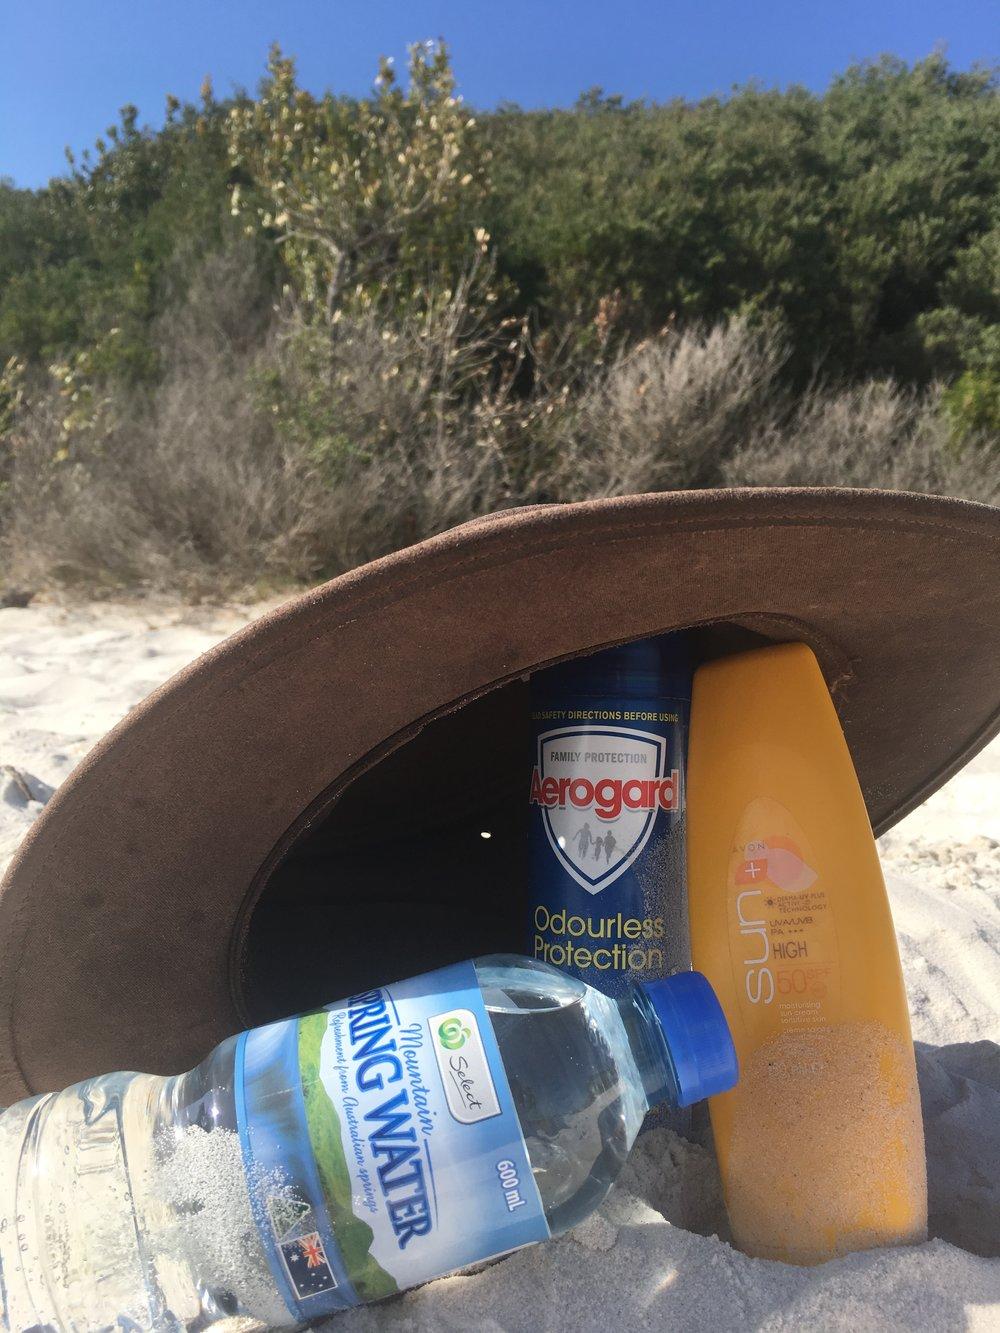 Hat, Factor 50, mozzie spray & water!